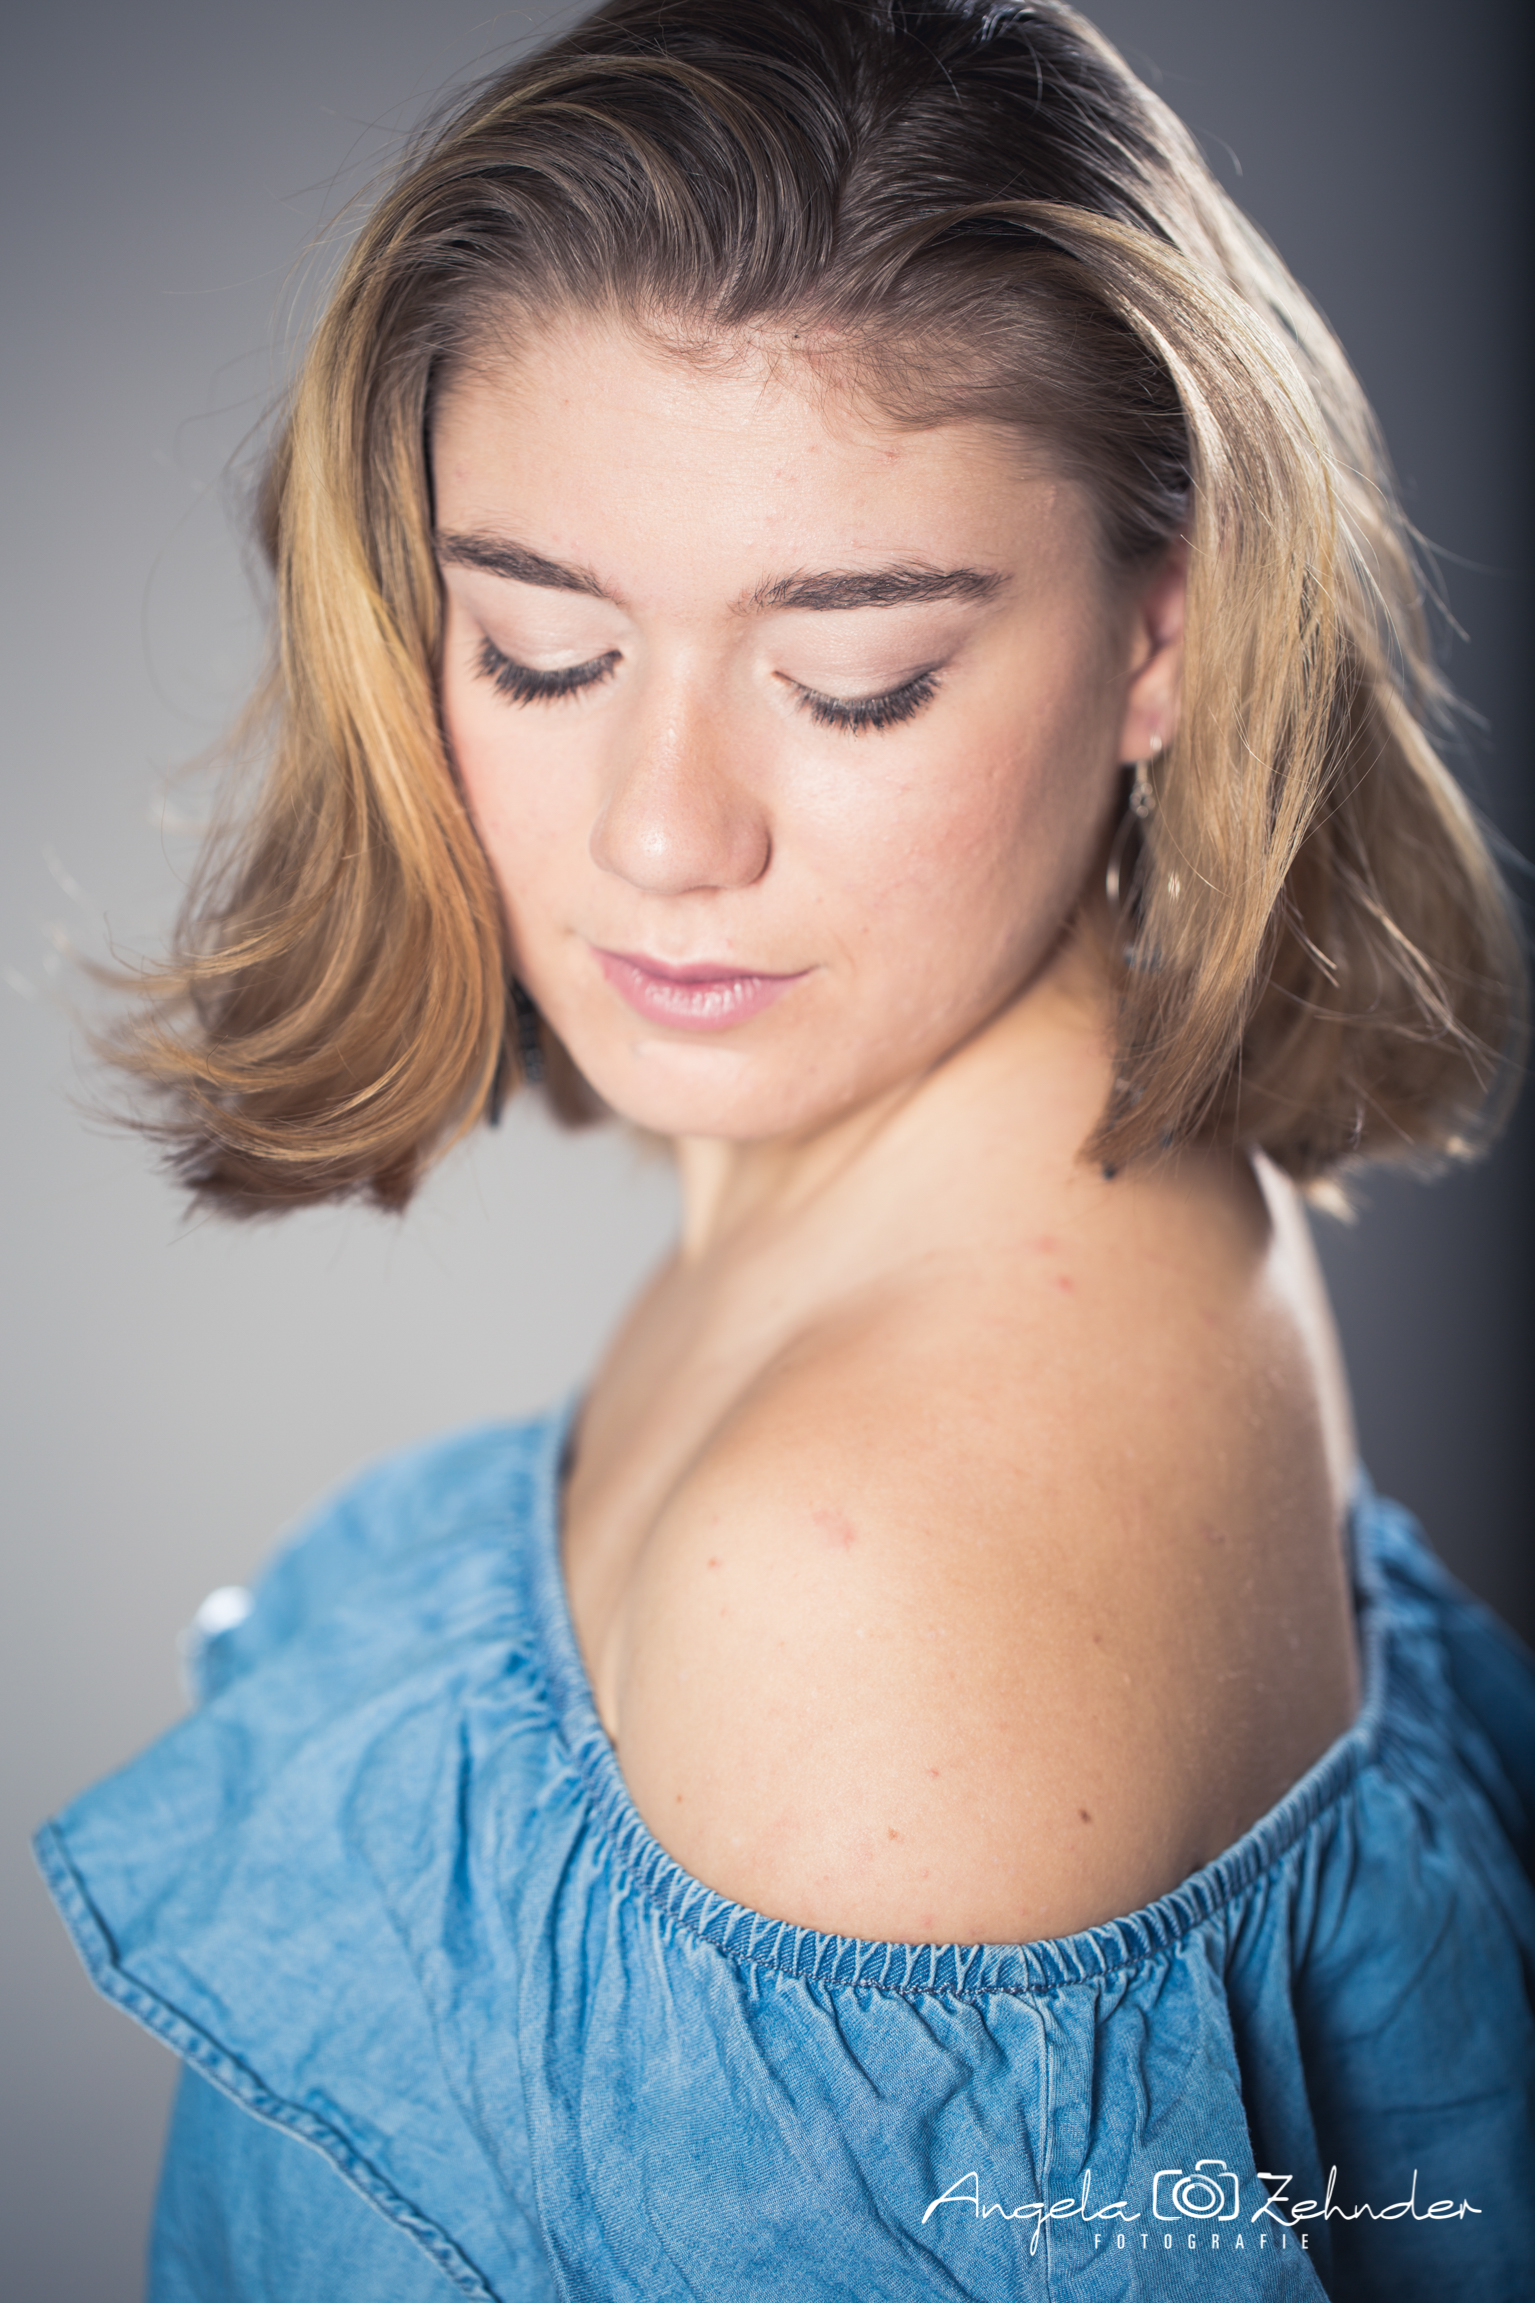 angel-zehnder-fotografie-portrait-51